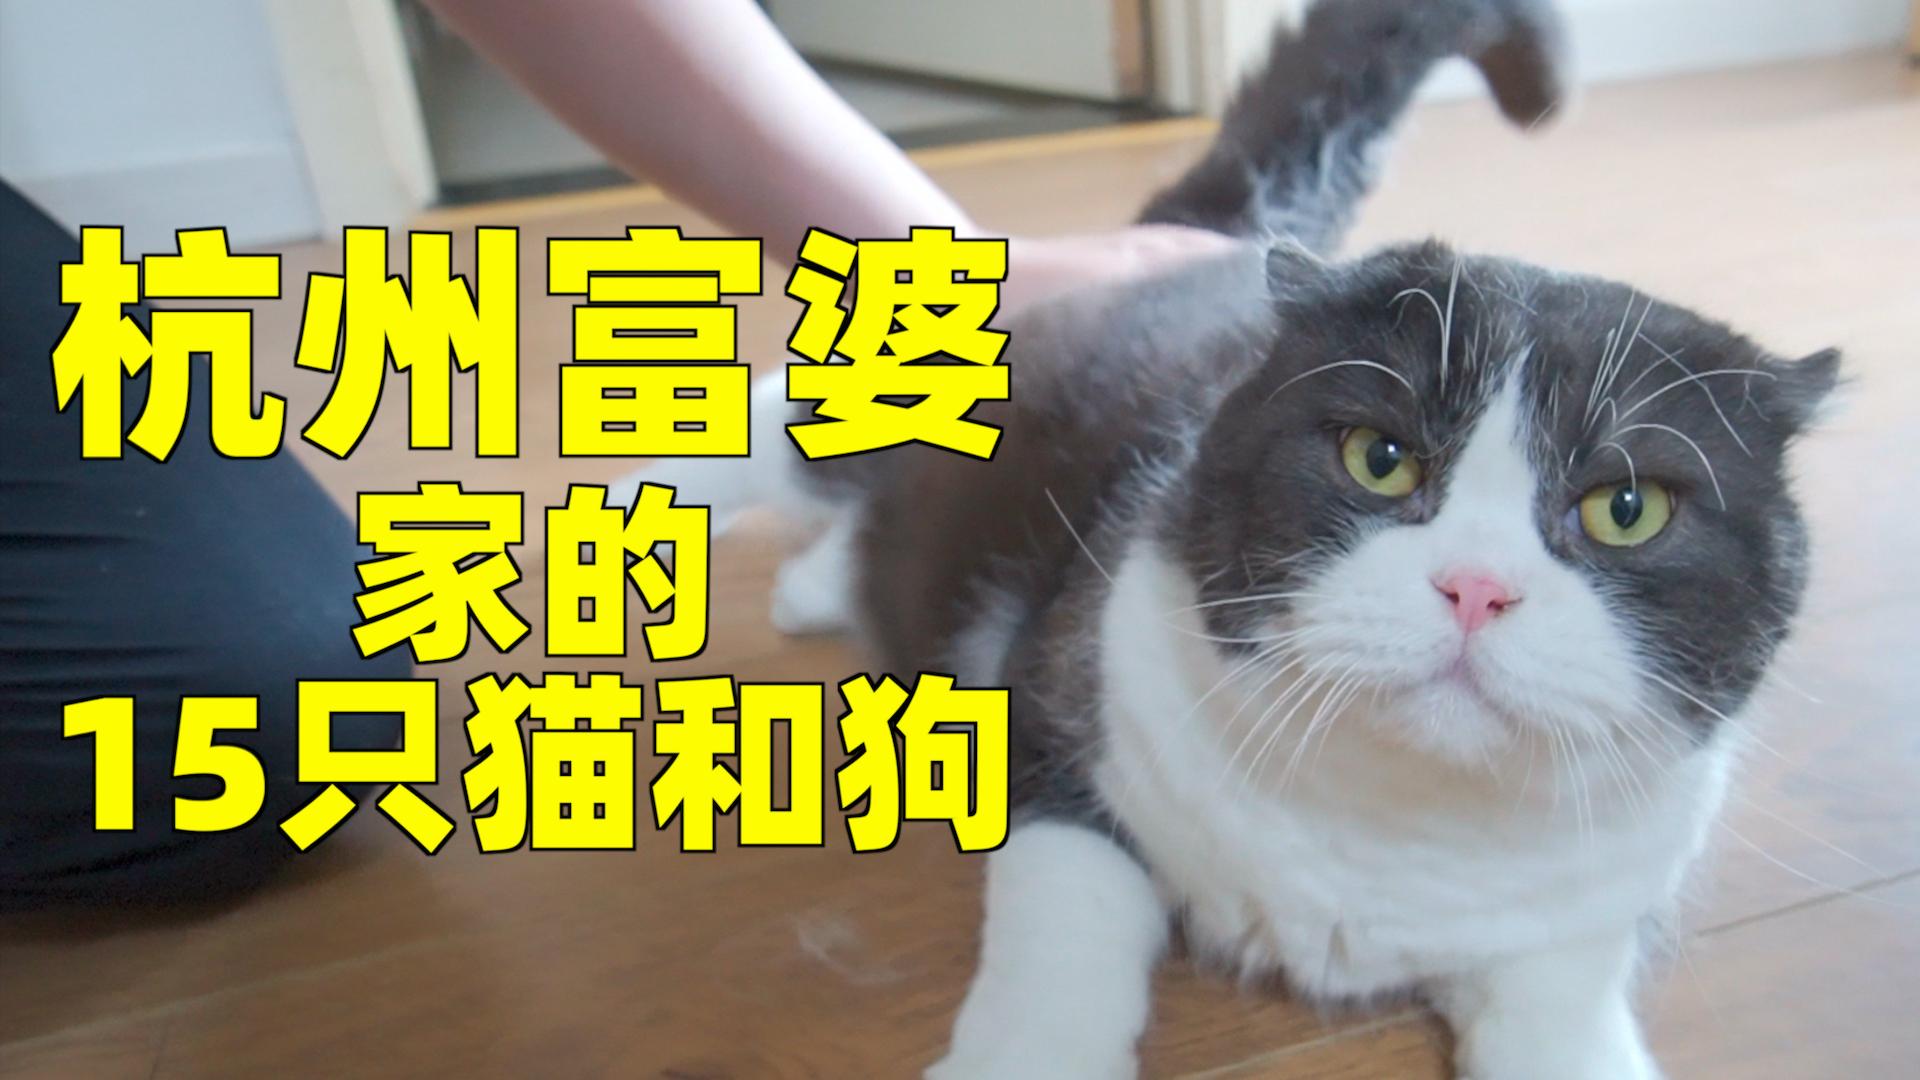 参观杭州富婆家的15只猫,您家还缺猫吗?上过大学的那种!